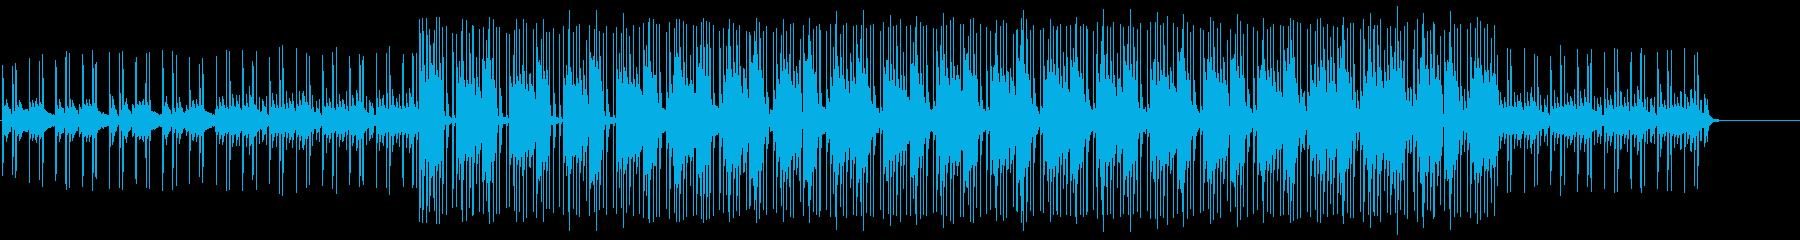 クイズコーナー向けの軽妙なコミカルBGMの再生済みの波形